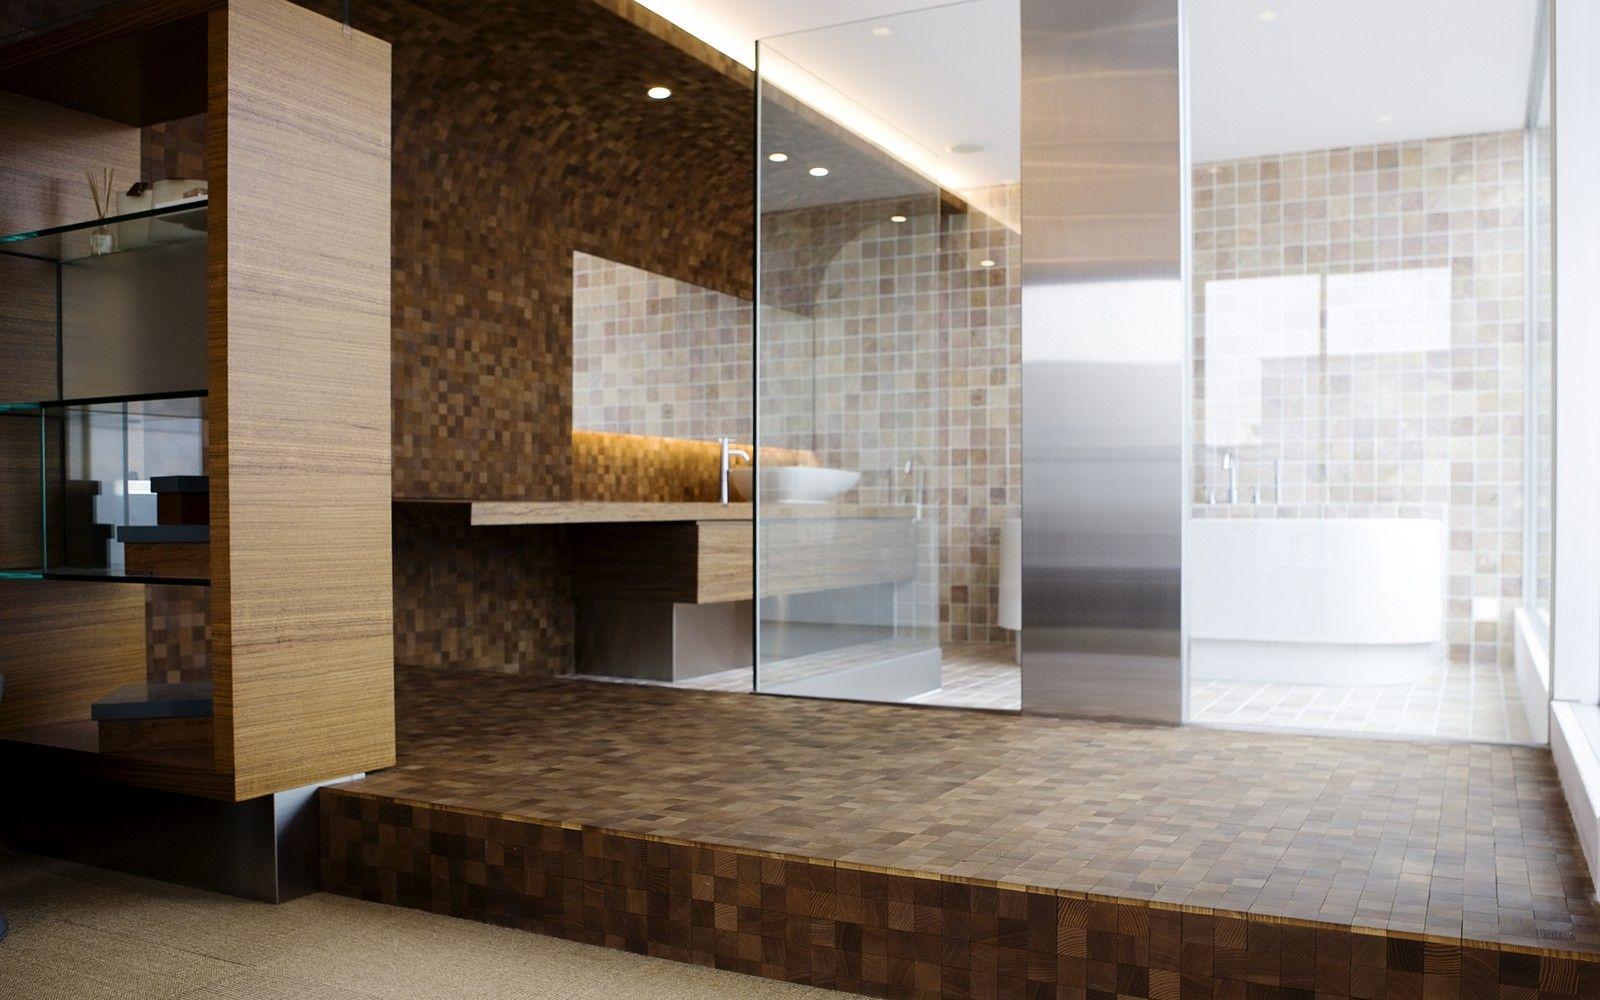 foto s van houten vloeren uipkes houten vloeren wood flooring